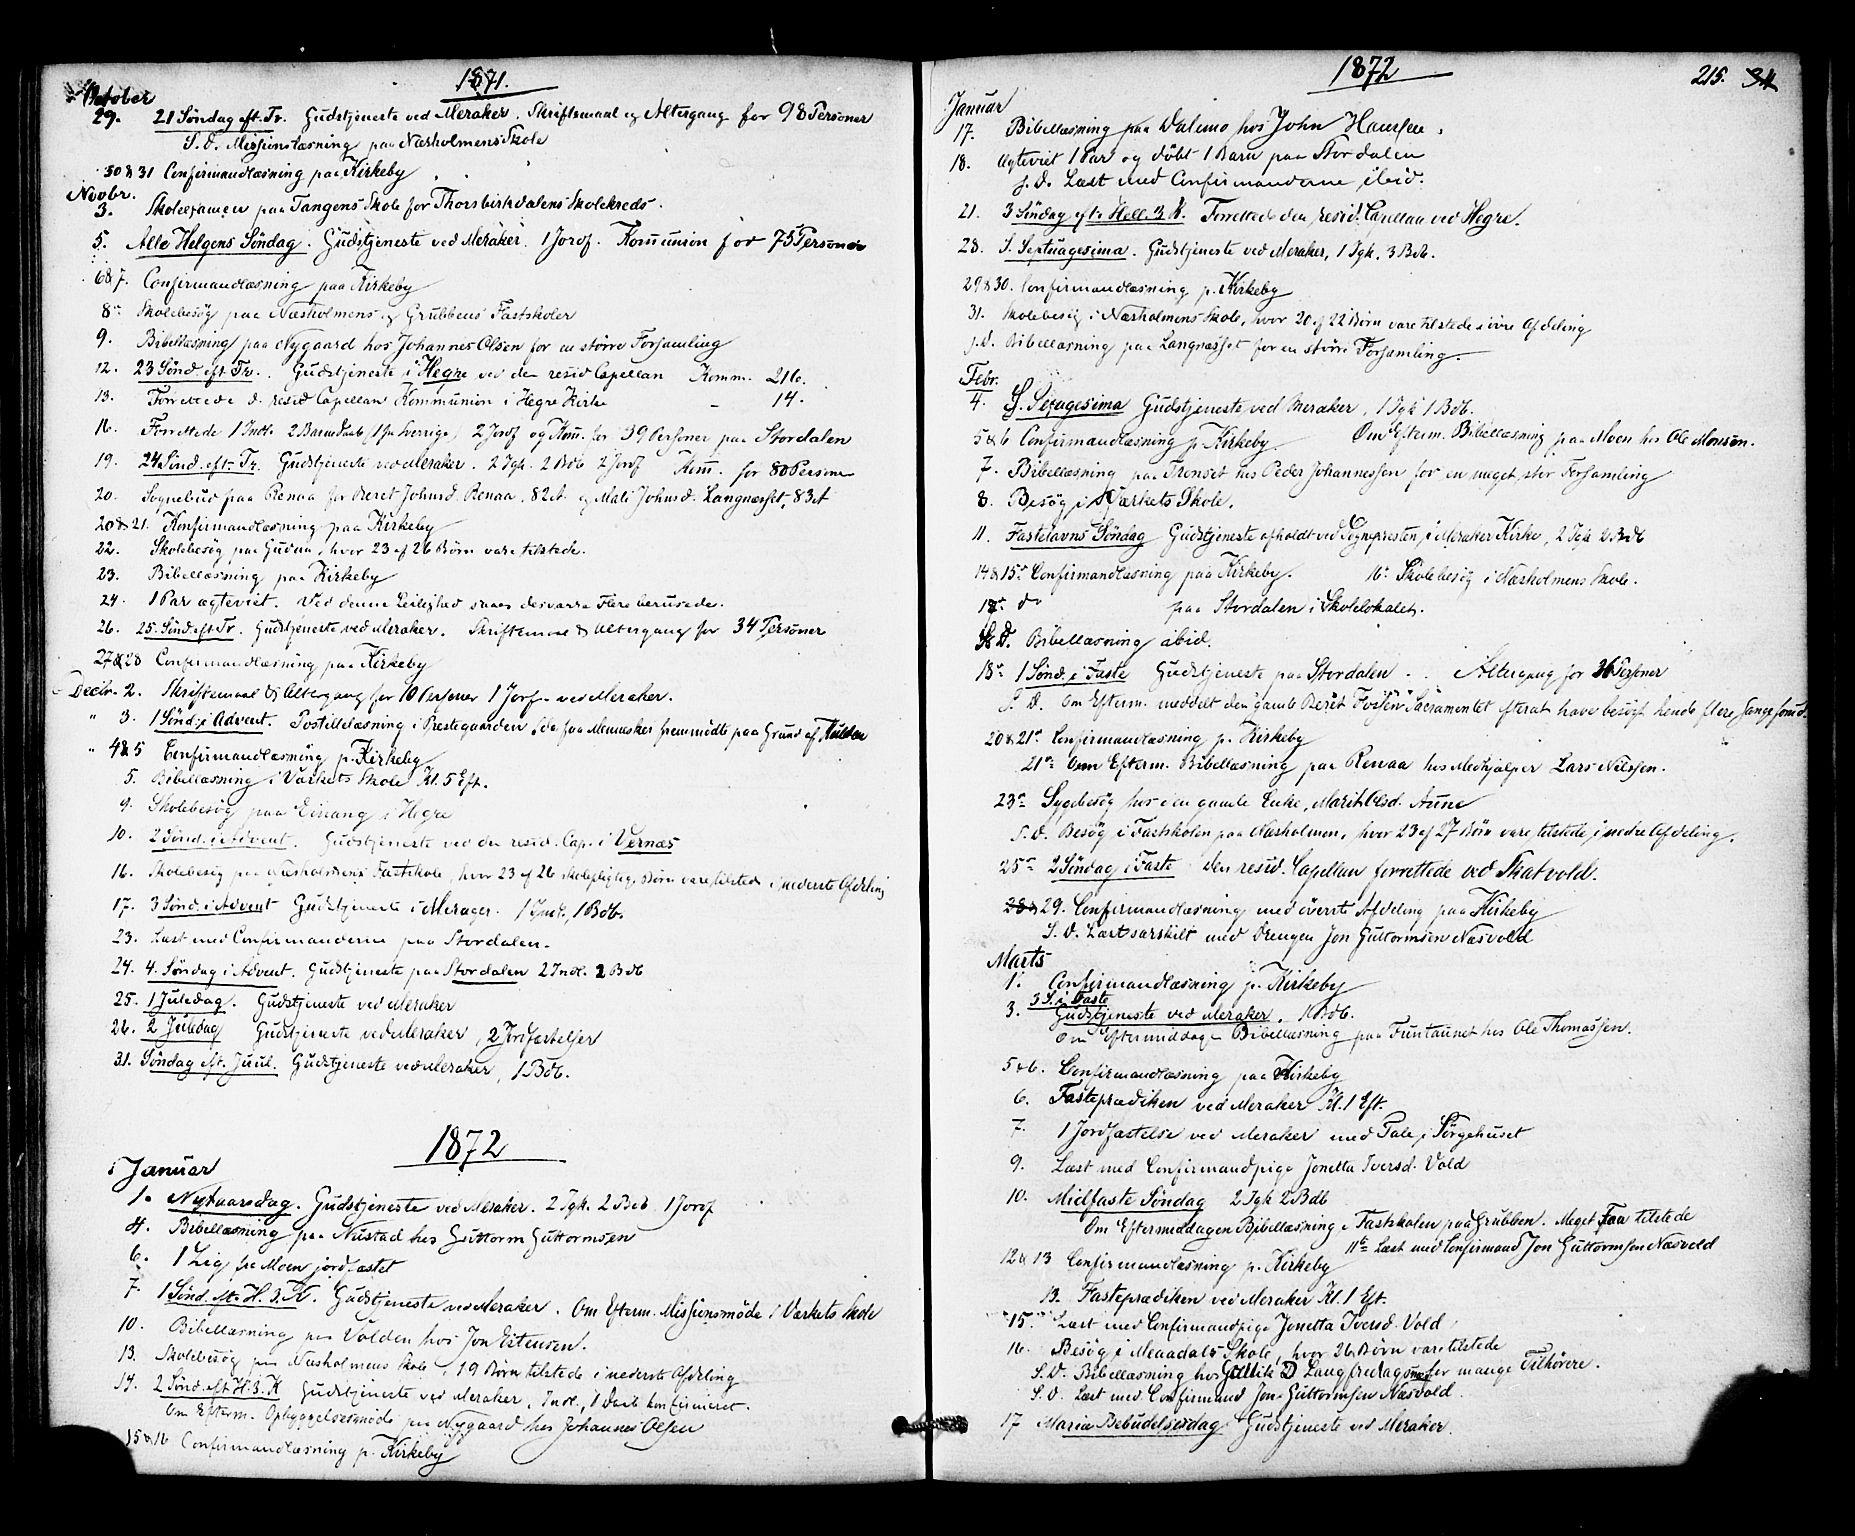 SAT, Ministerialprotokoller, klokkerbøker og fødselsregistre - Nord-Trøndelag, 706/L0041: Ministerialbok nr. 706A02, 1862-1877, s. 215